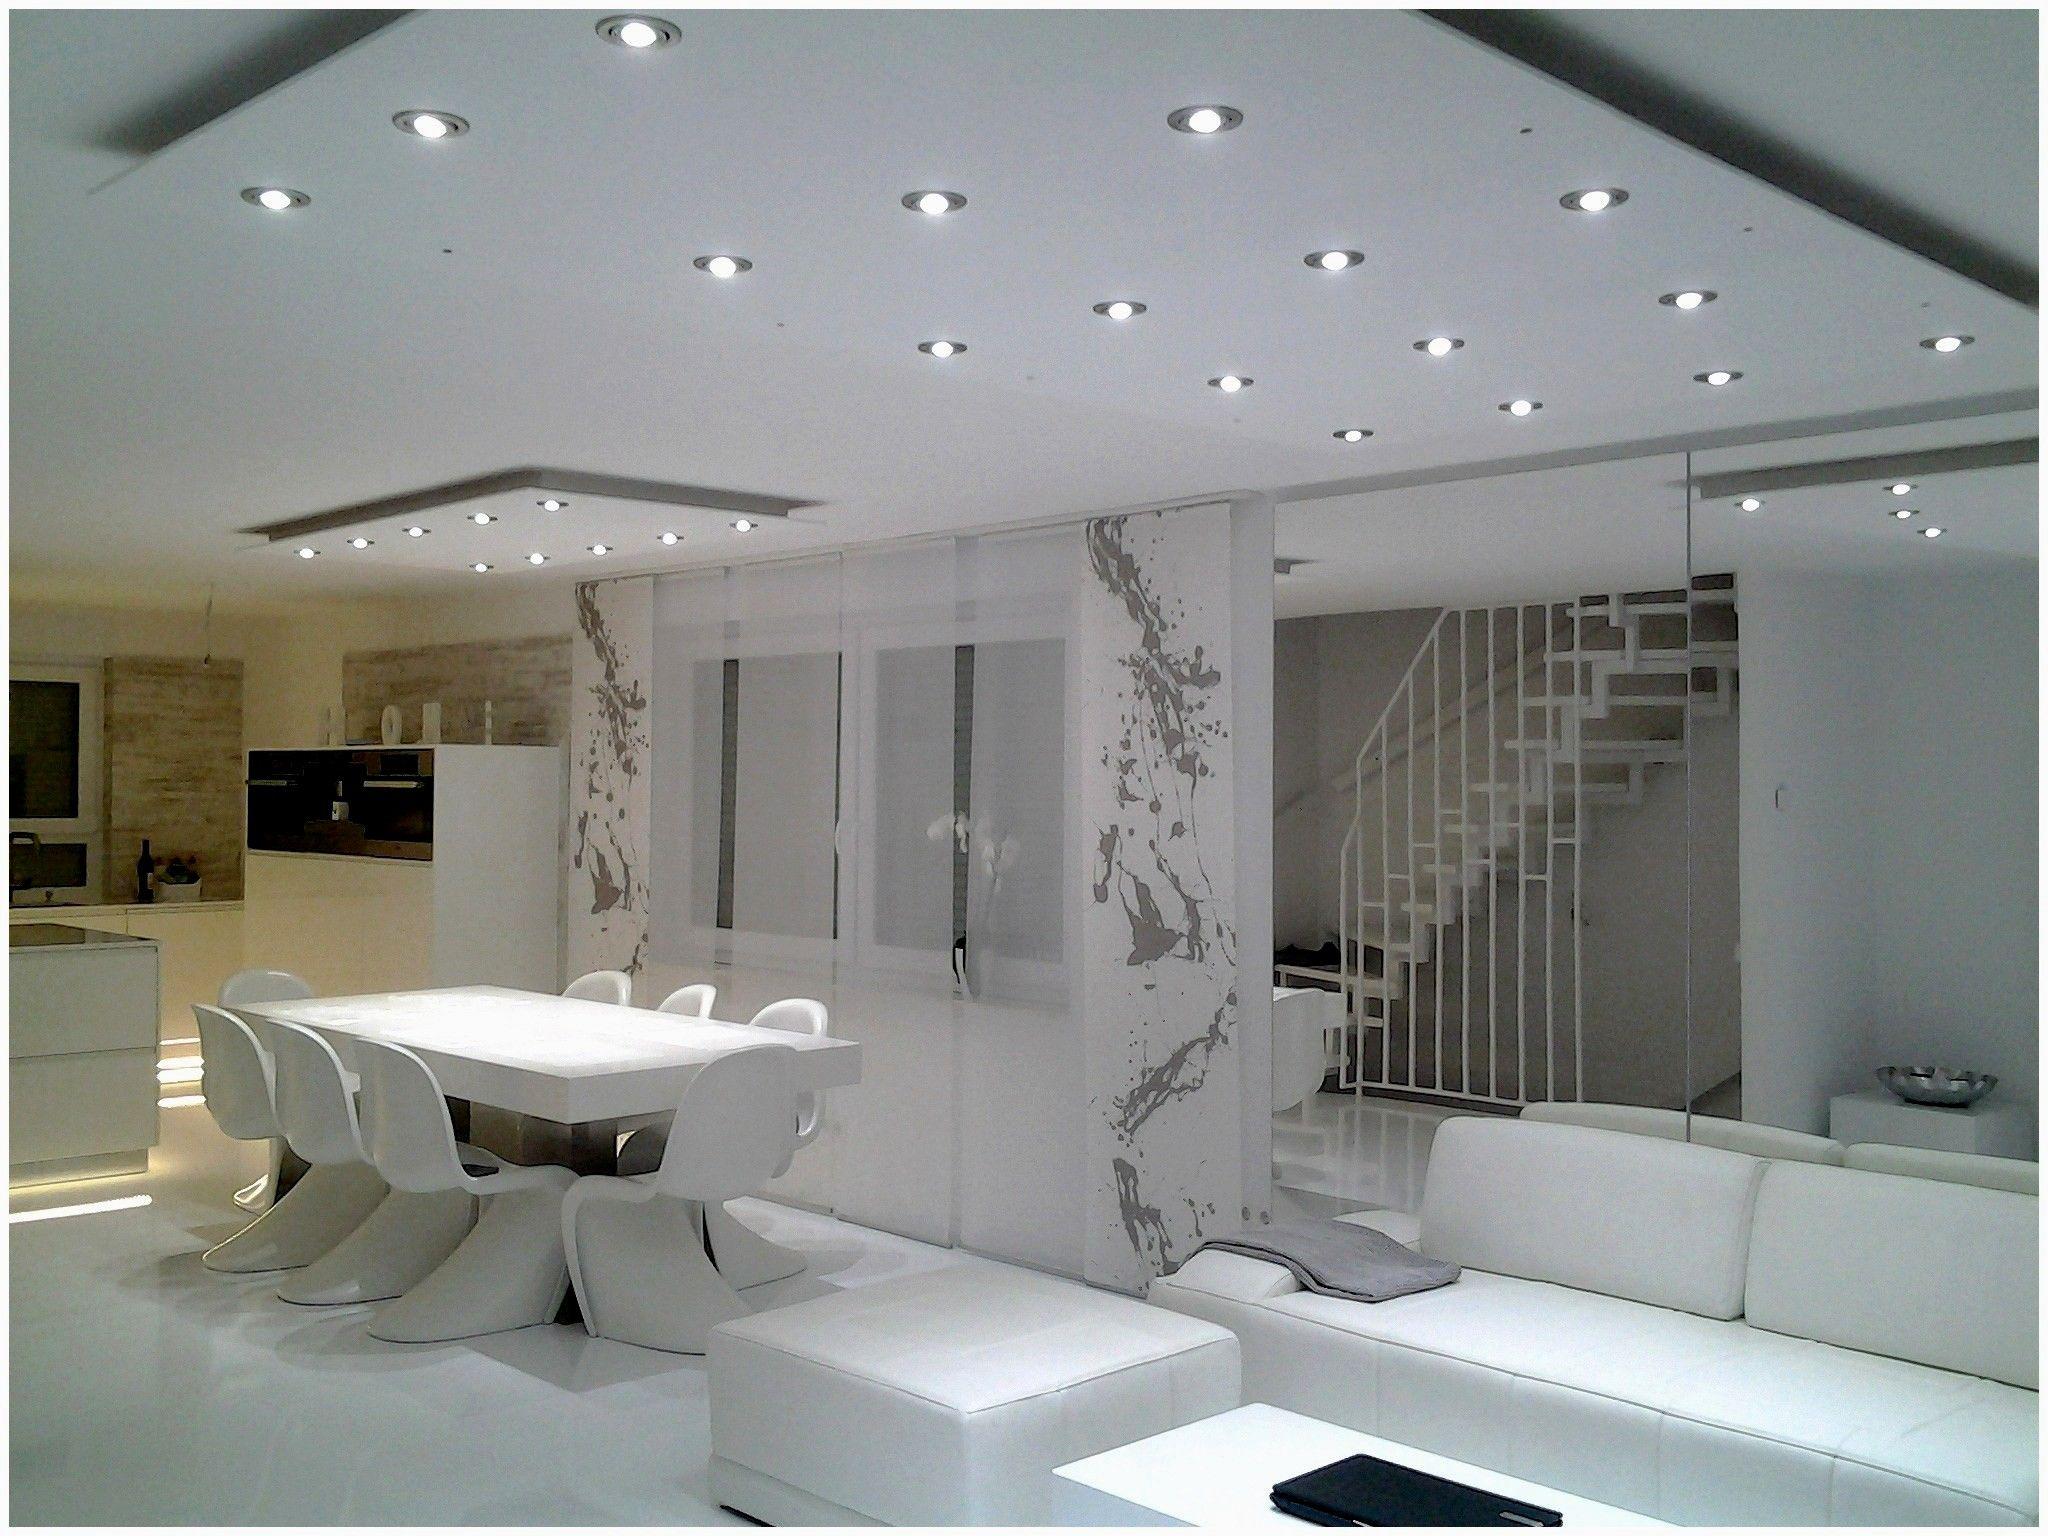 Herrlich Abgehangte Decke Wohnzimmer Indirekte Beleuchtung Abgehangte 441948 Fantastisch Beleuchtung Wohnzimmer Decke Beleuchtung Decke Beleuchtung Wohnzimmer